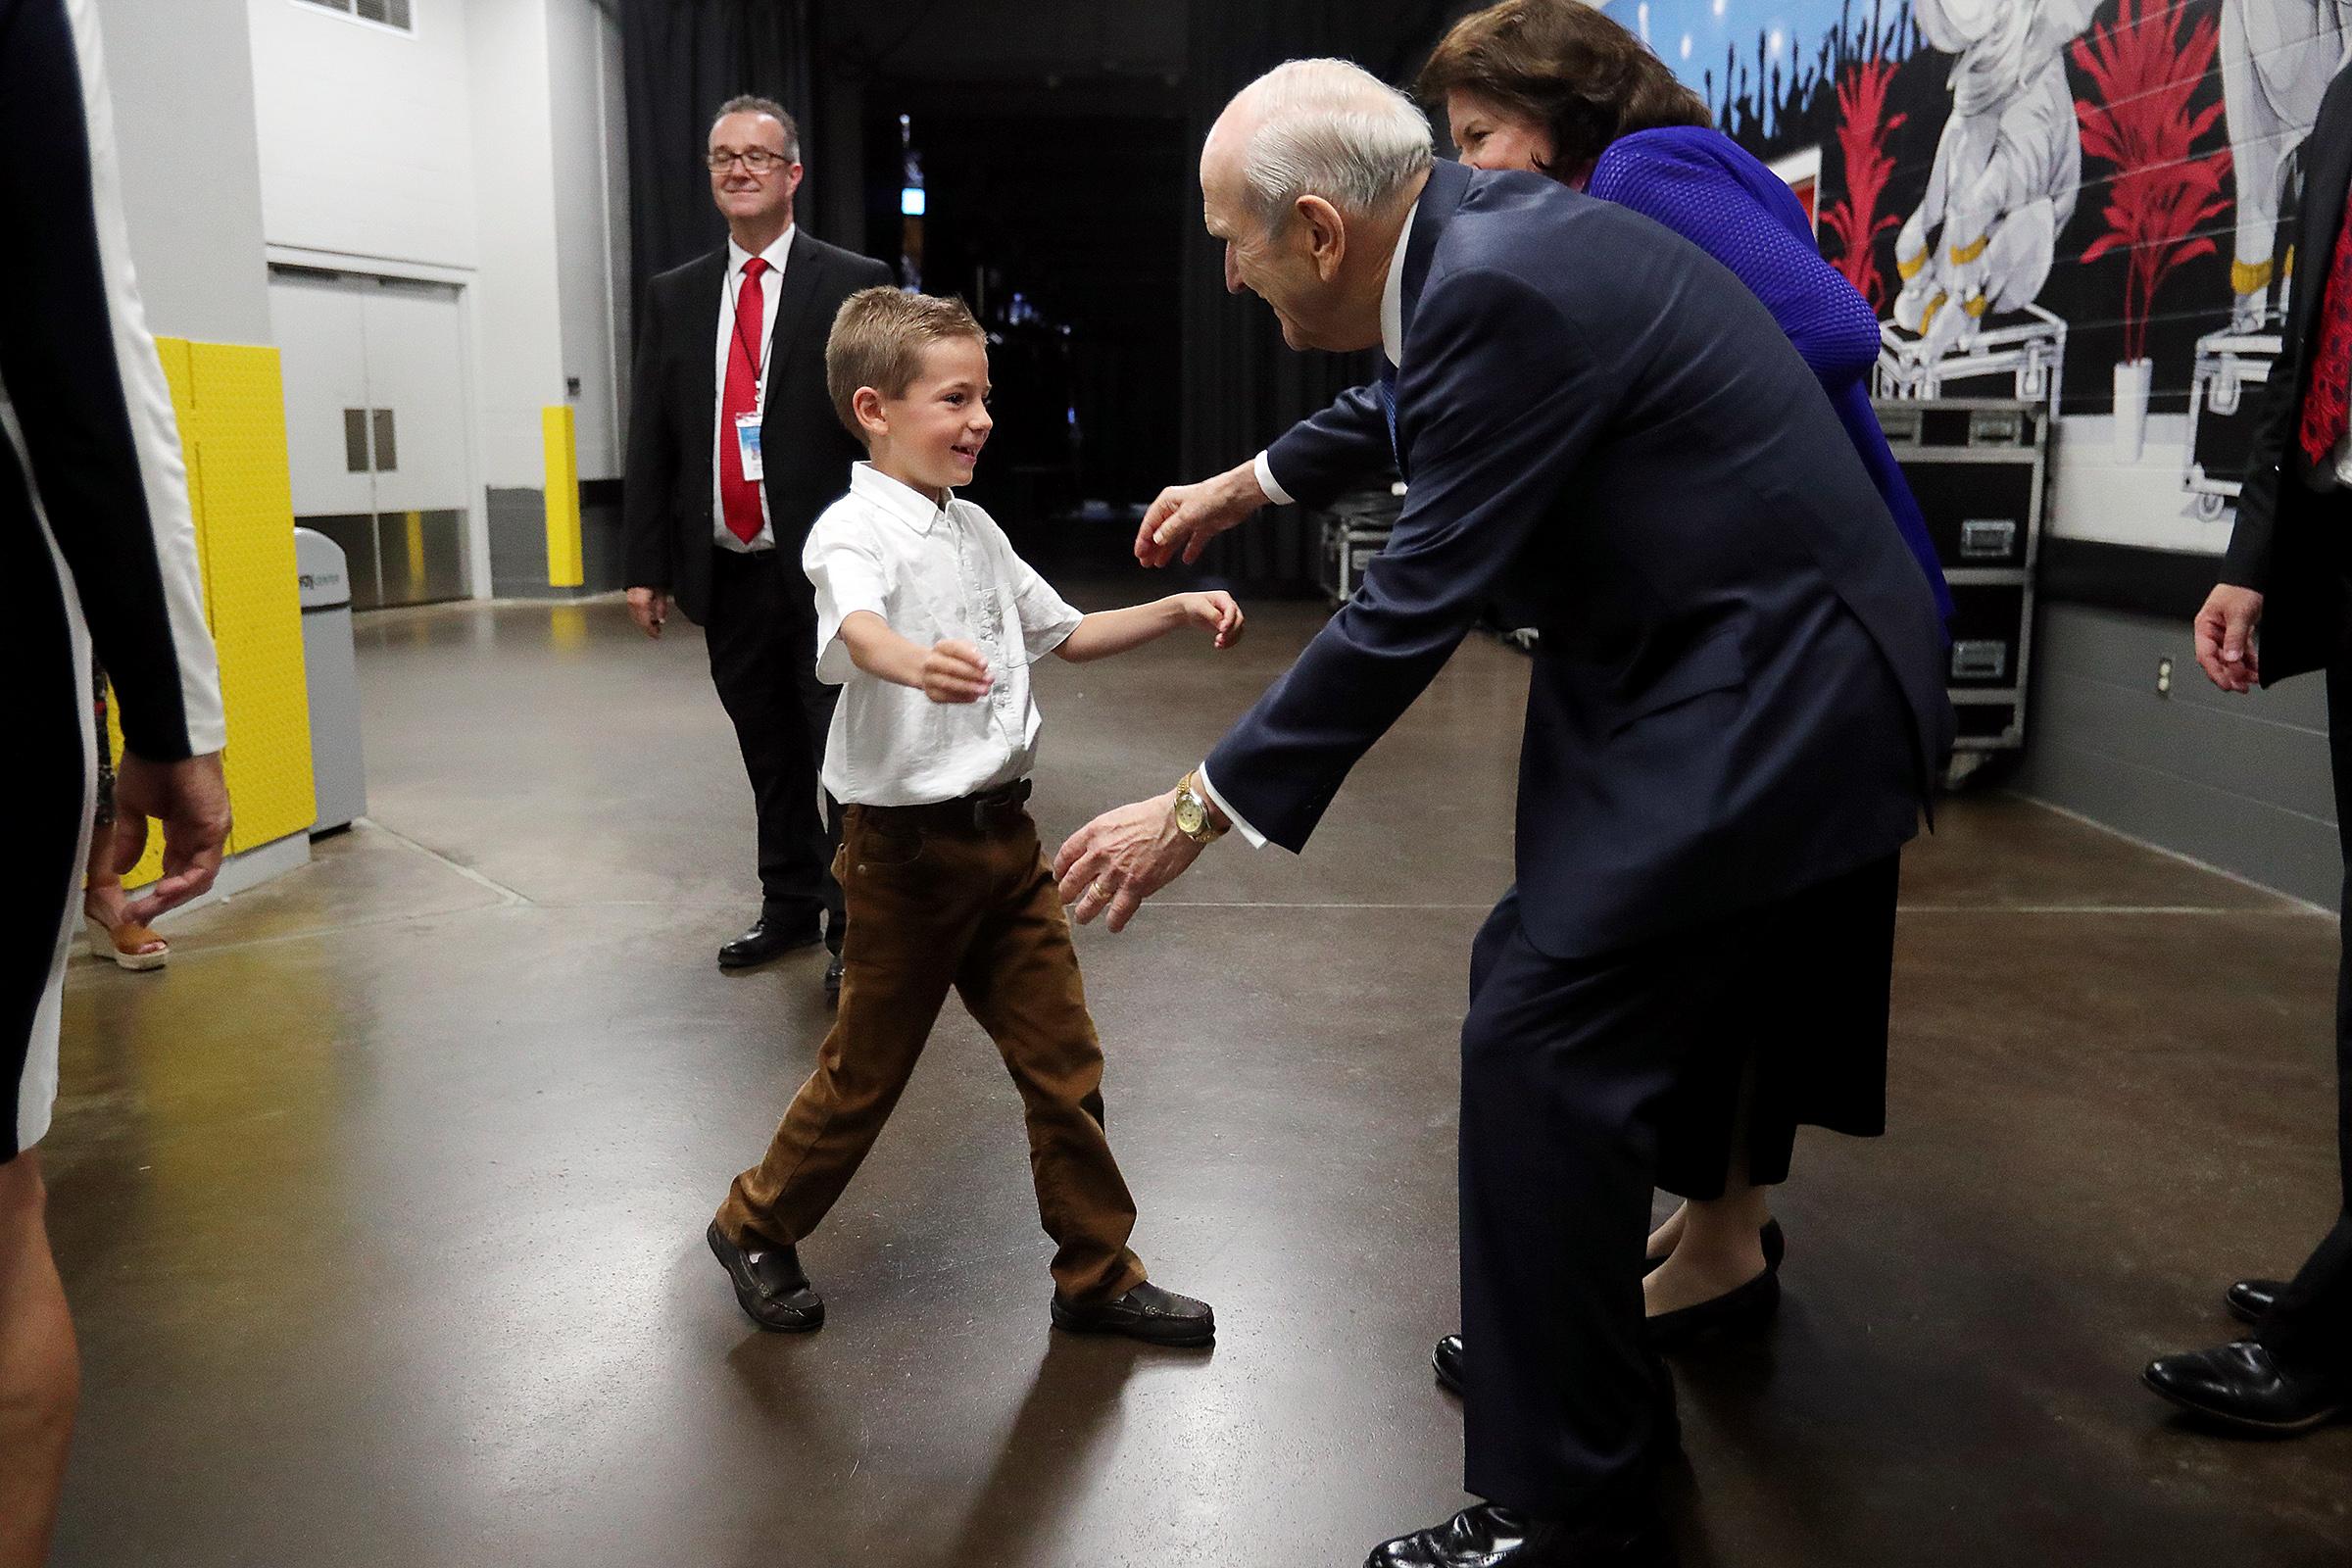 Eli Webster camina hacia su bisabuelo, el presidente Russell M. Nelson, antes del devocional del 9 de junio de 2019 en el Amway Center en Orlando, Florida.